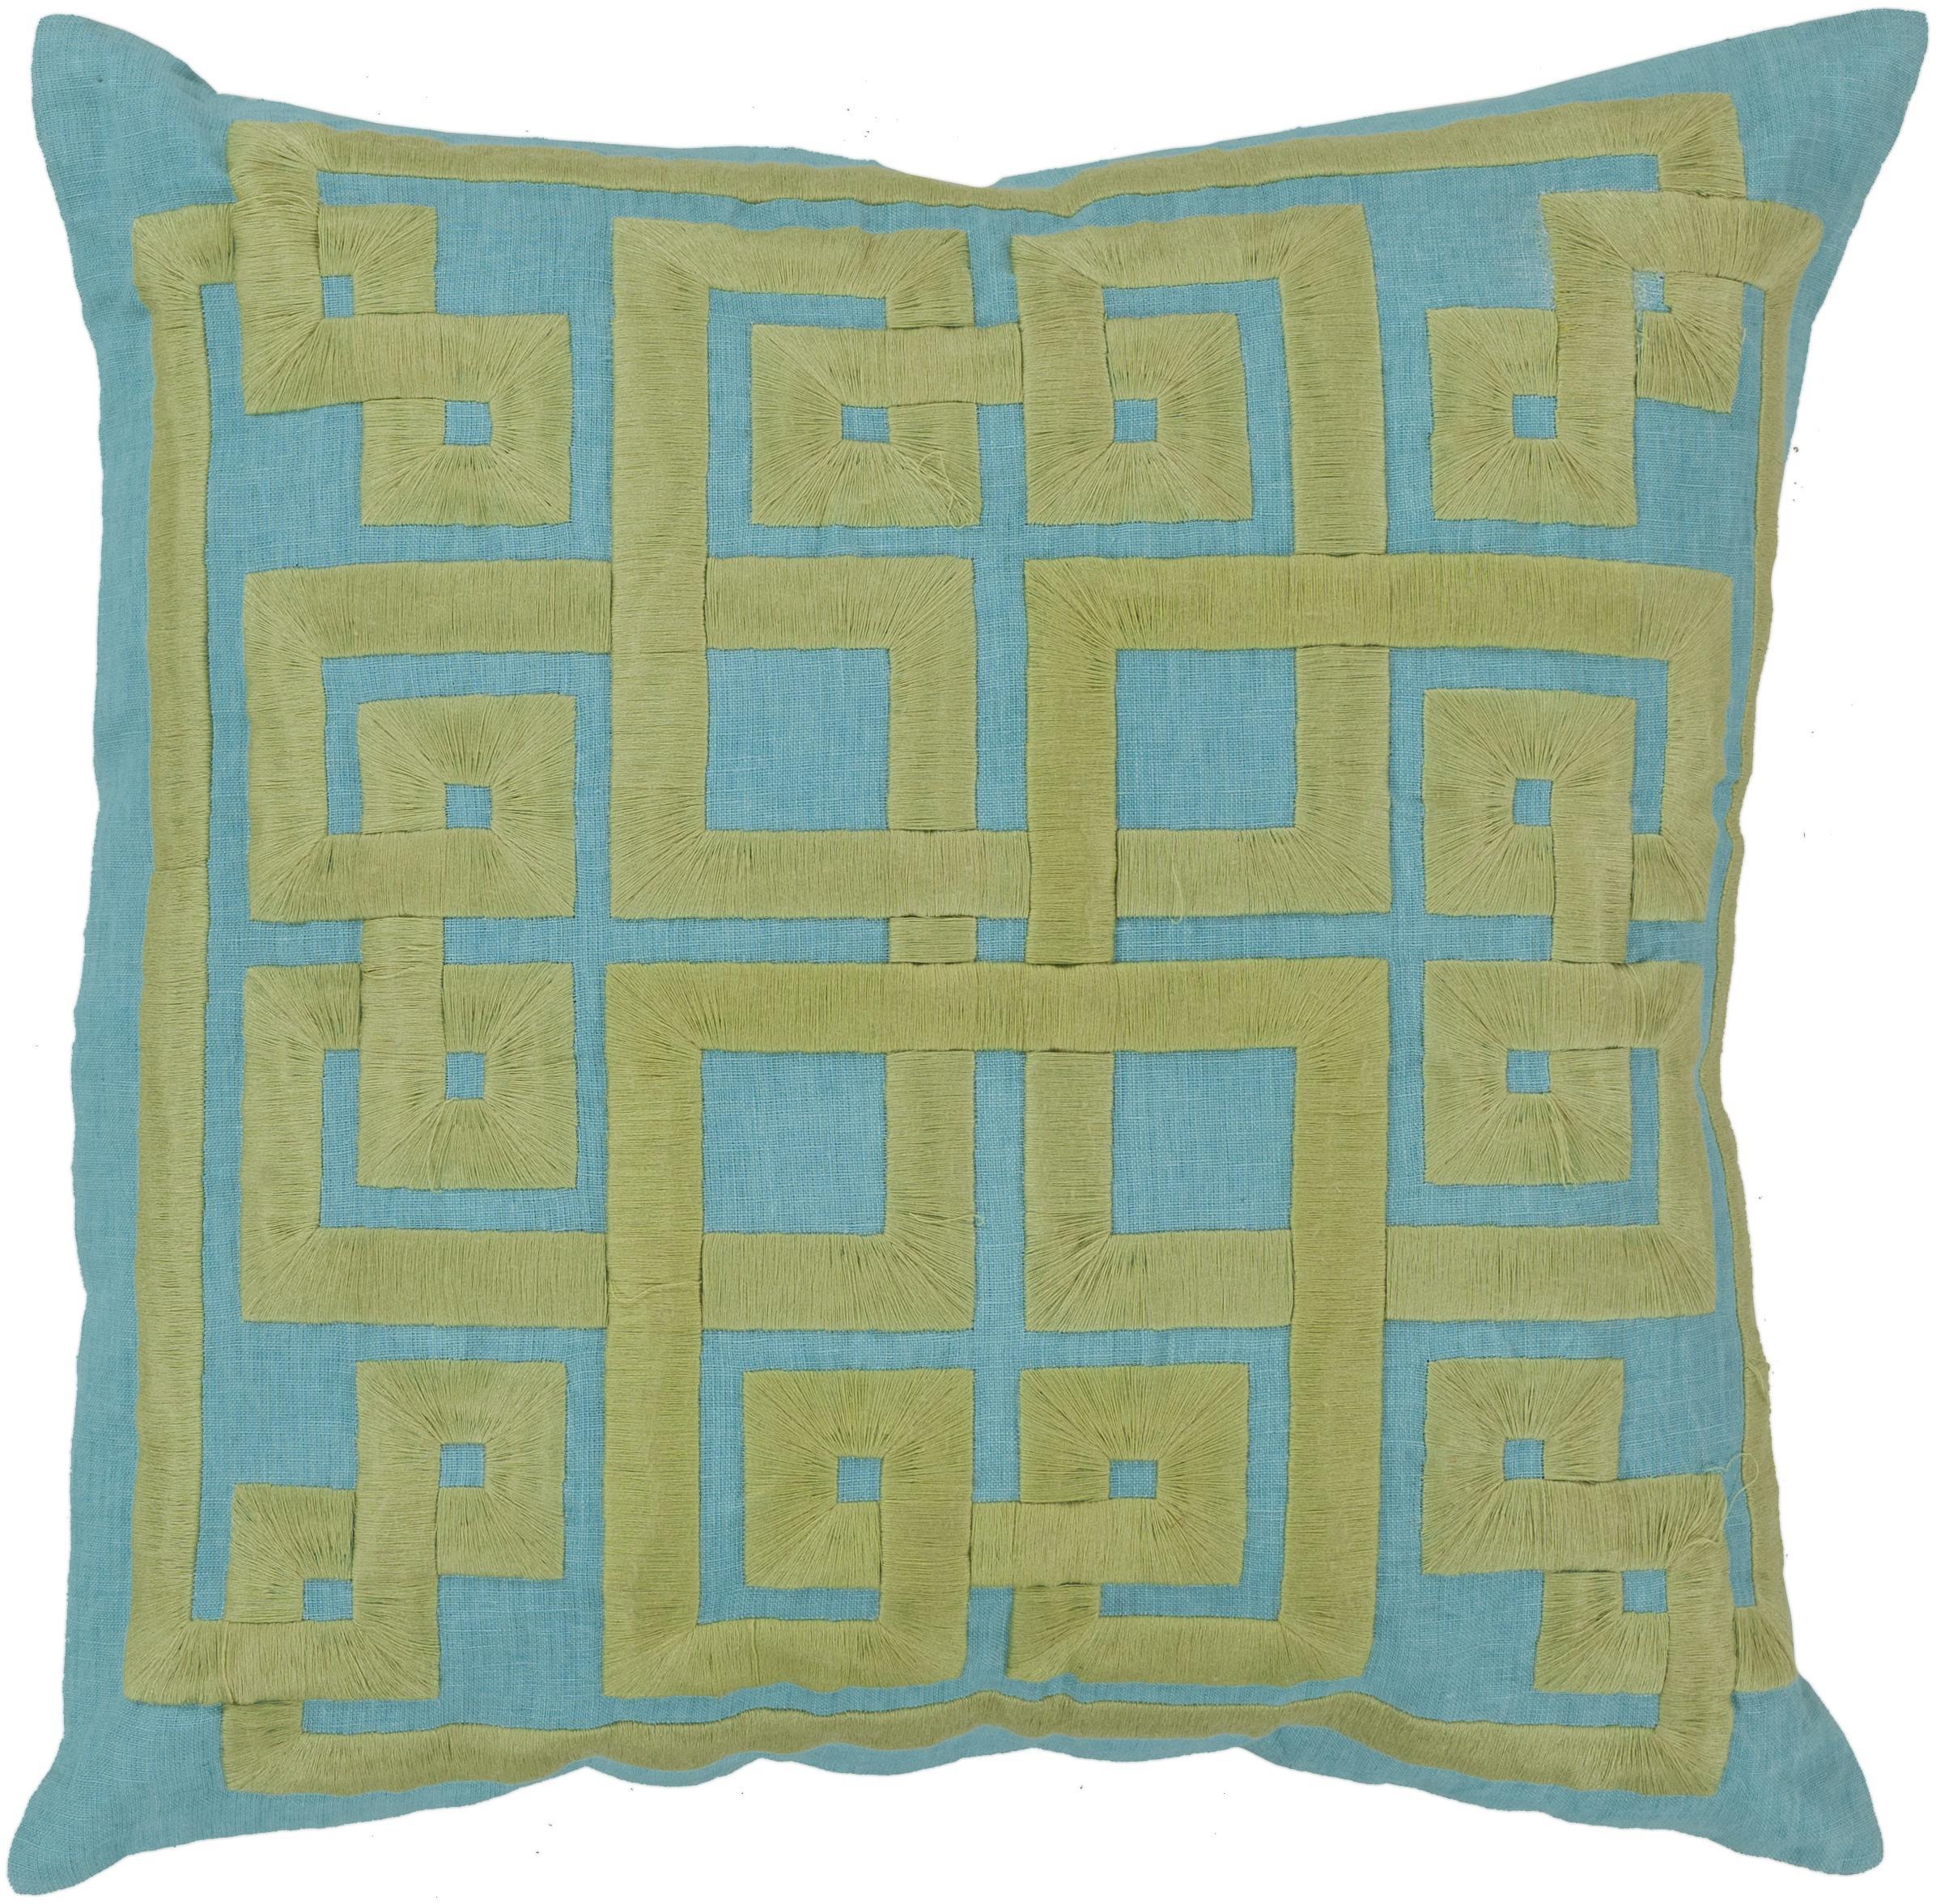 """Surya Rugs Pillows 22"""" x 22"""" Pillow - Item Number: LD011-2222P"""